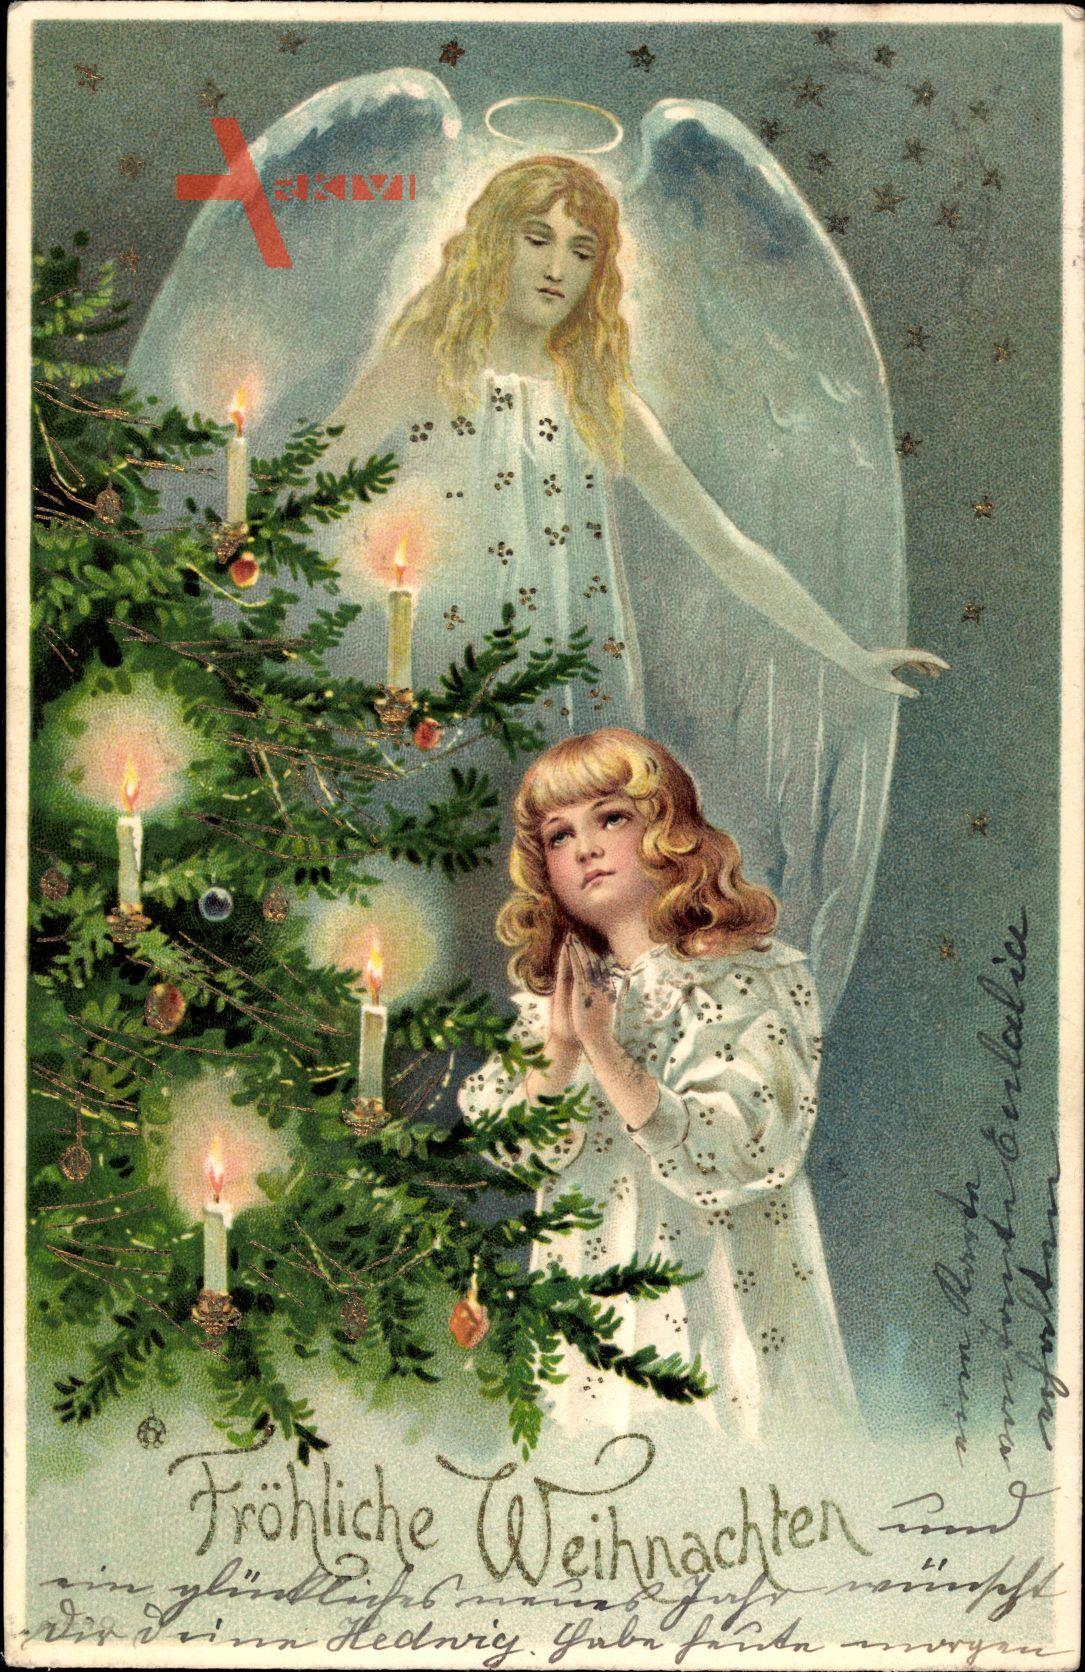 Frohe Weihnachten, Tannenbaum, Engel, Betendes Kind